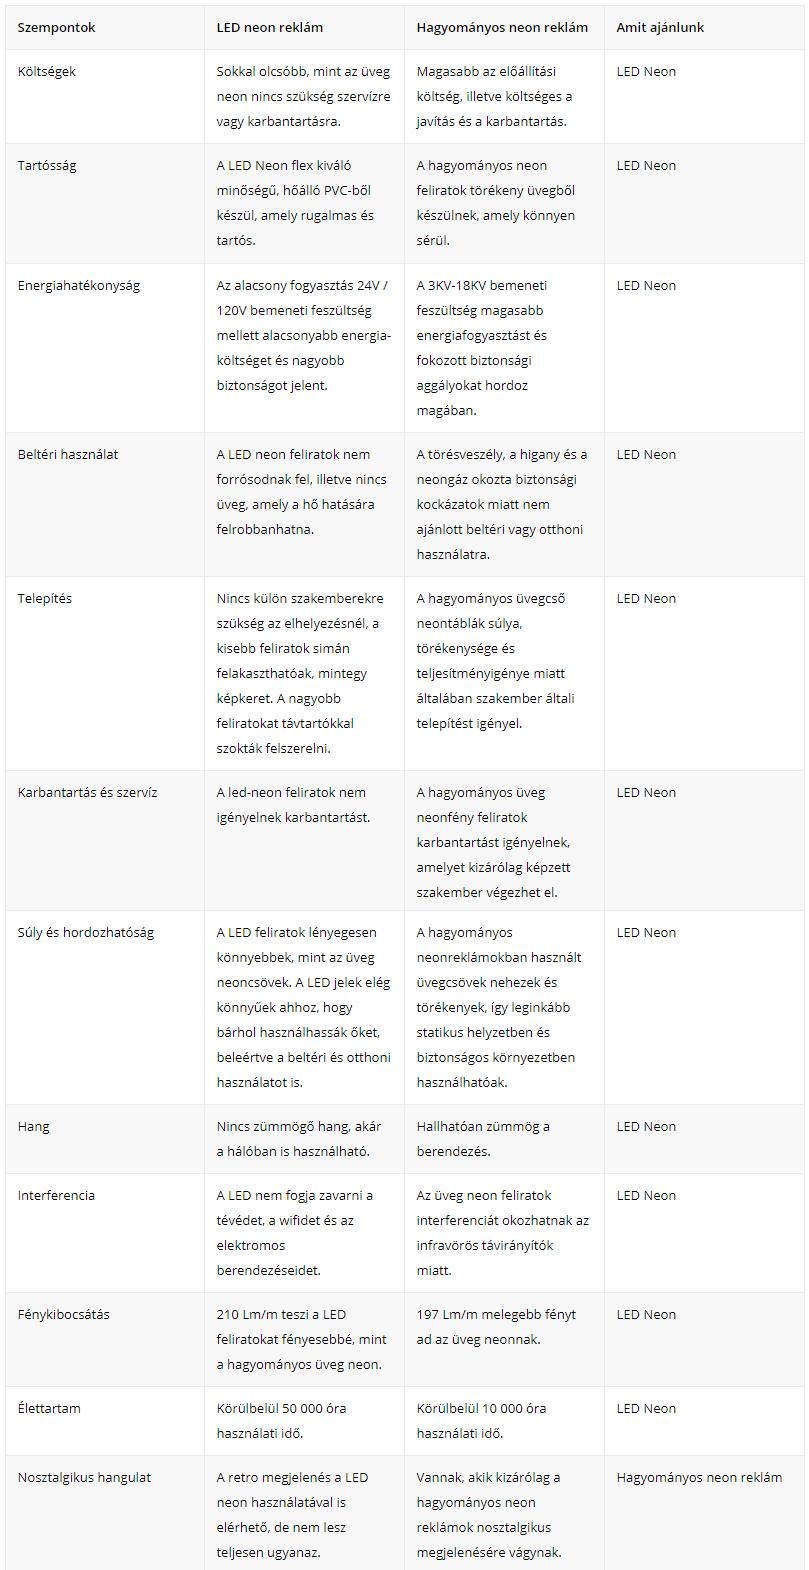 LED Neon felirat vagy hagyományos neon reklám – összehasonlító táblázat